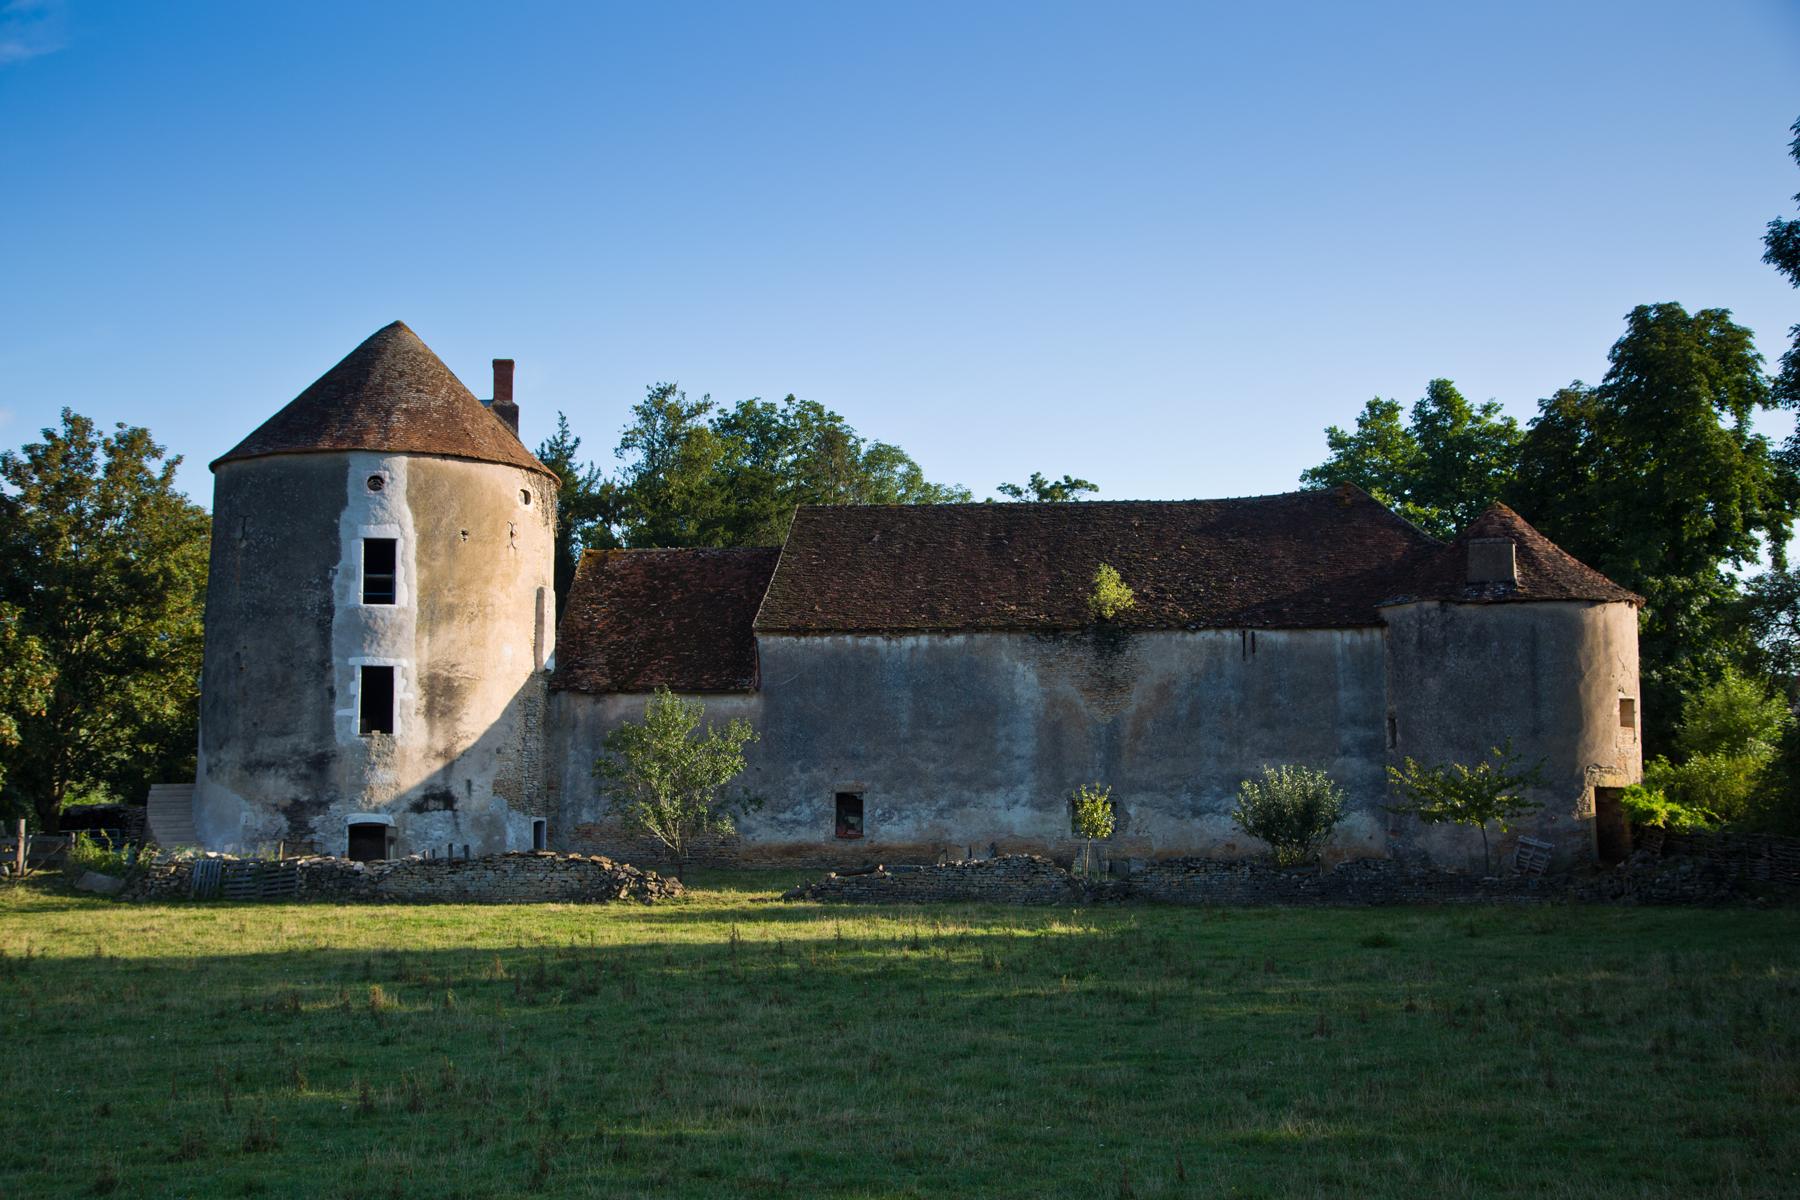 Schlossruine - Curtil sous Burnand